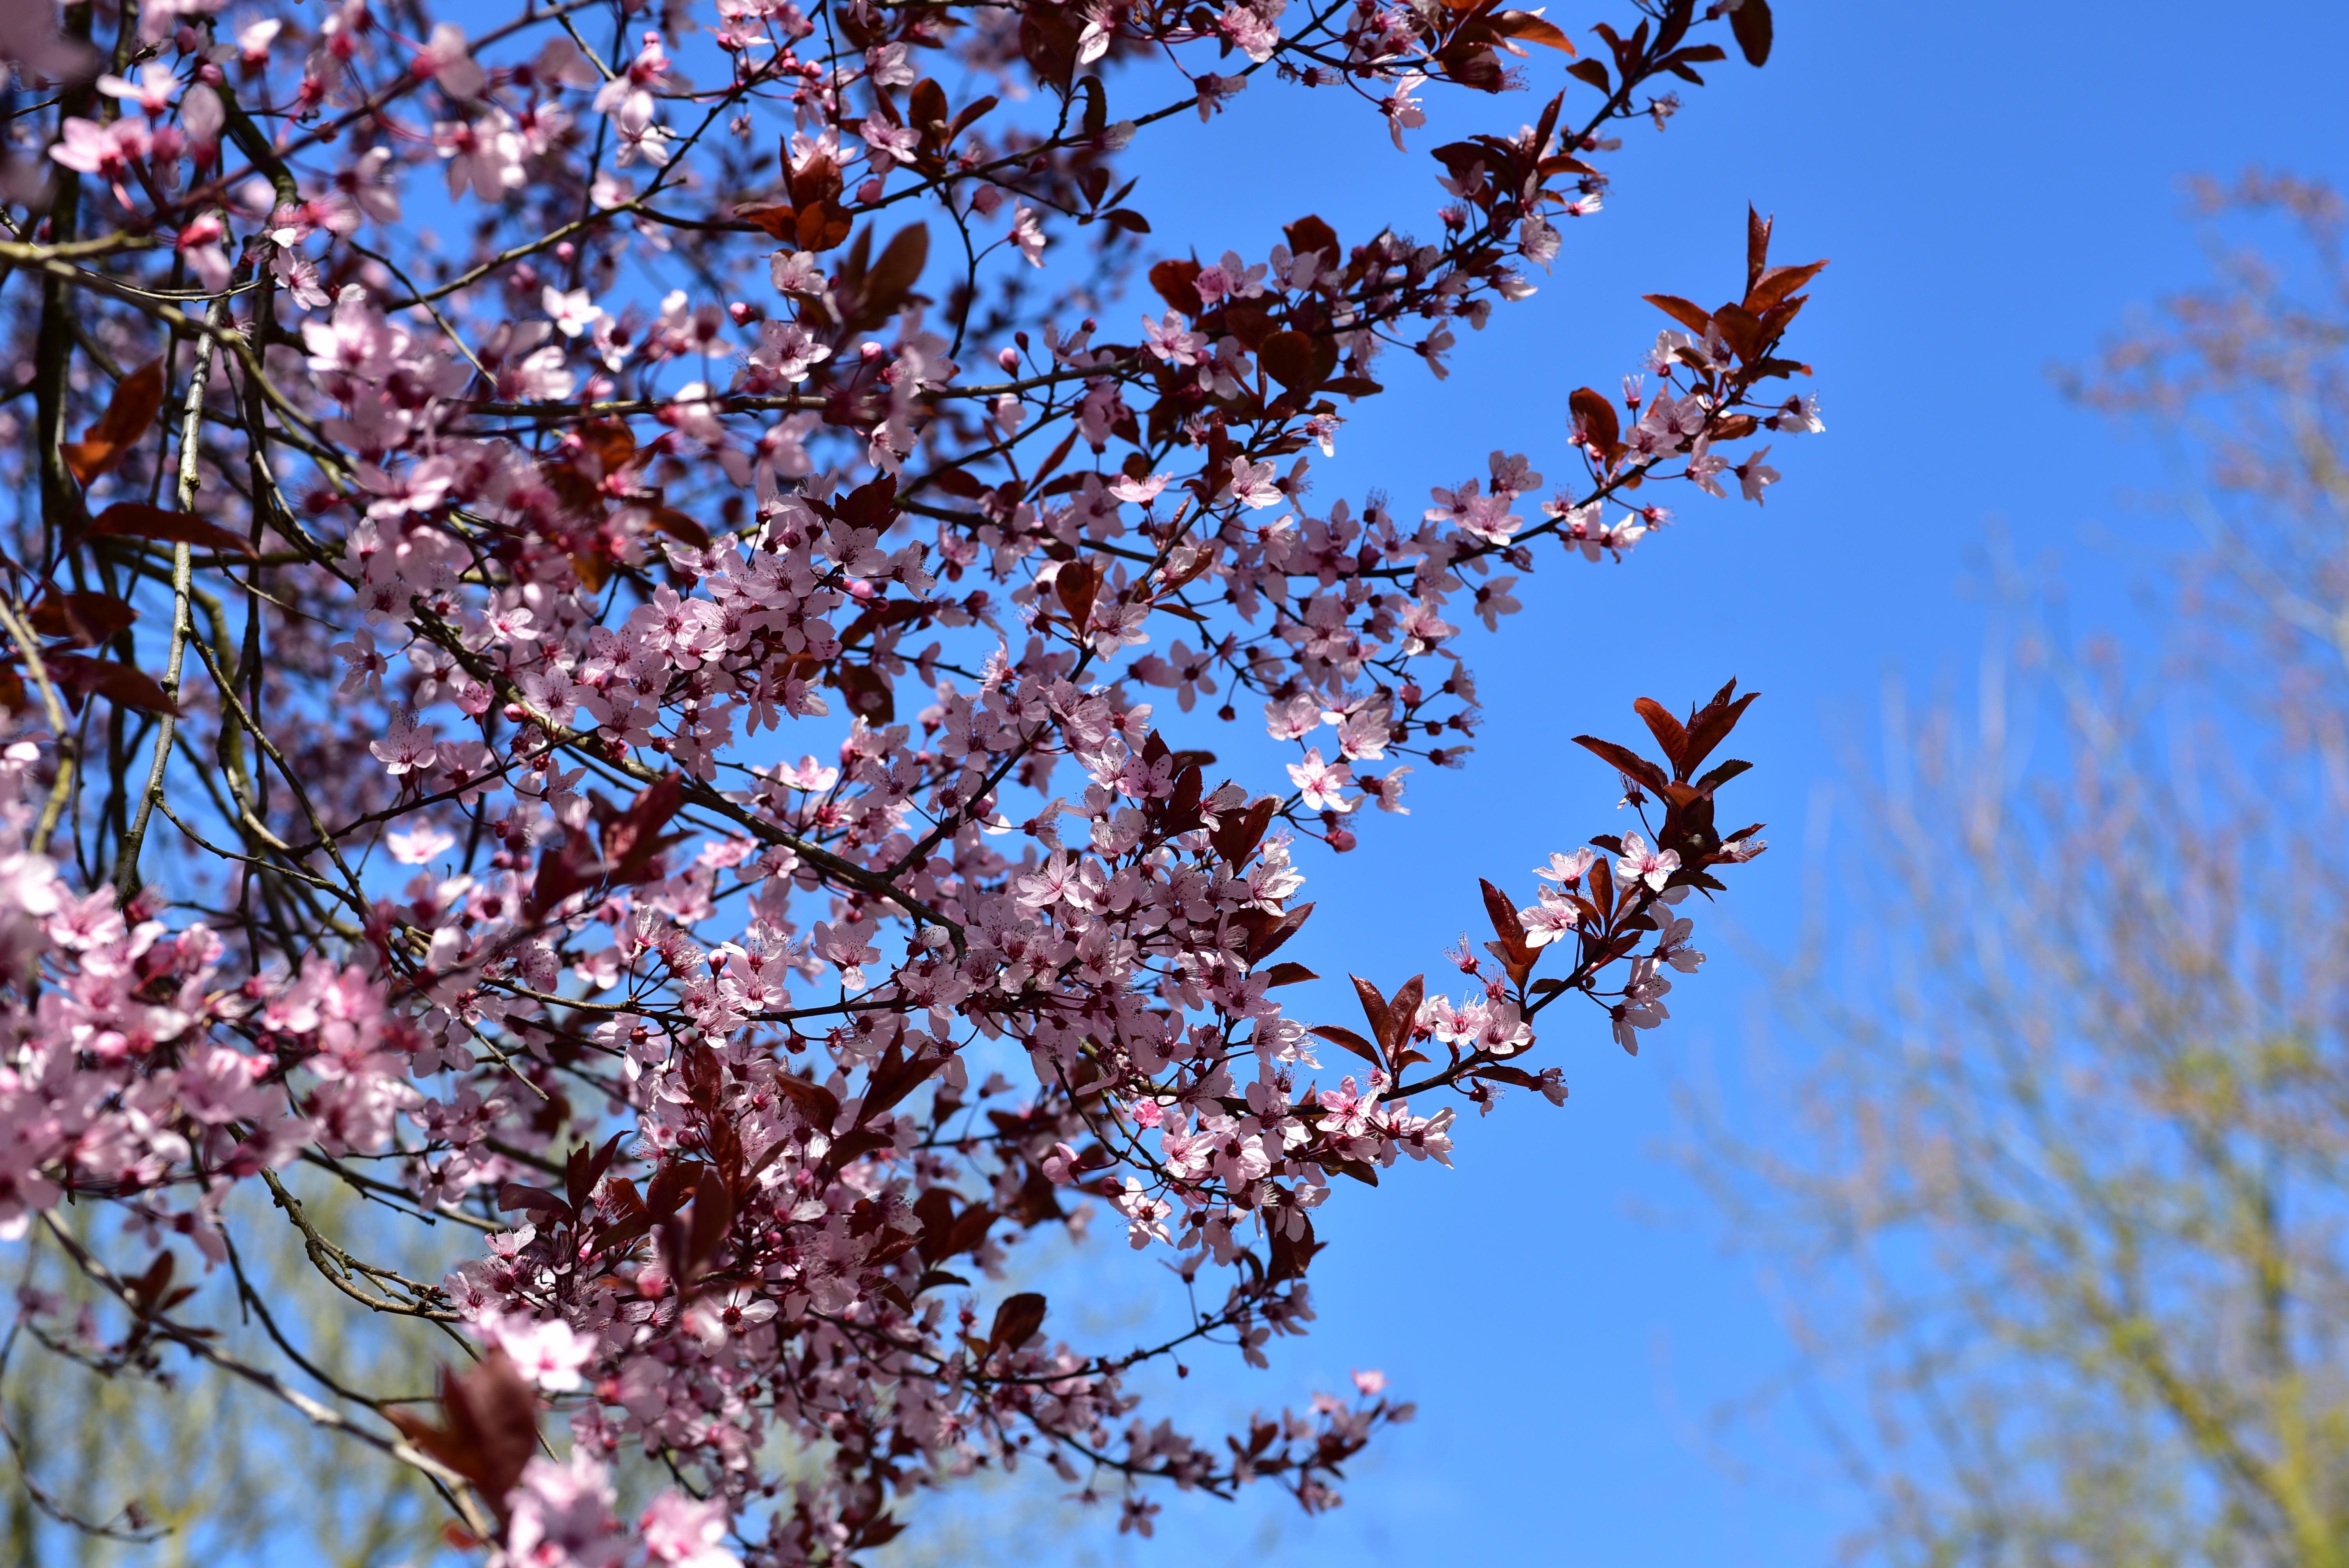 Floraison cerisier japon les fleurs de cerisier de floraison blanches et roses jaillissent - Greffe du cerisier au printemps ...